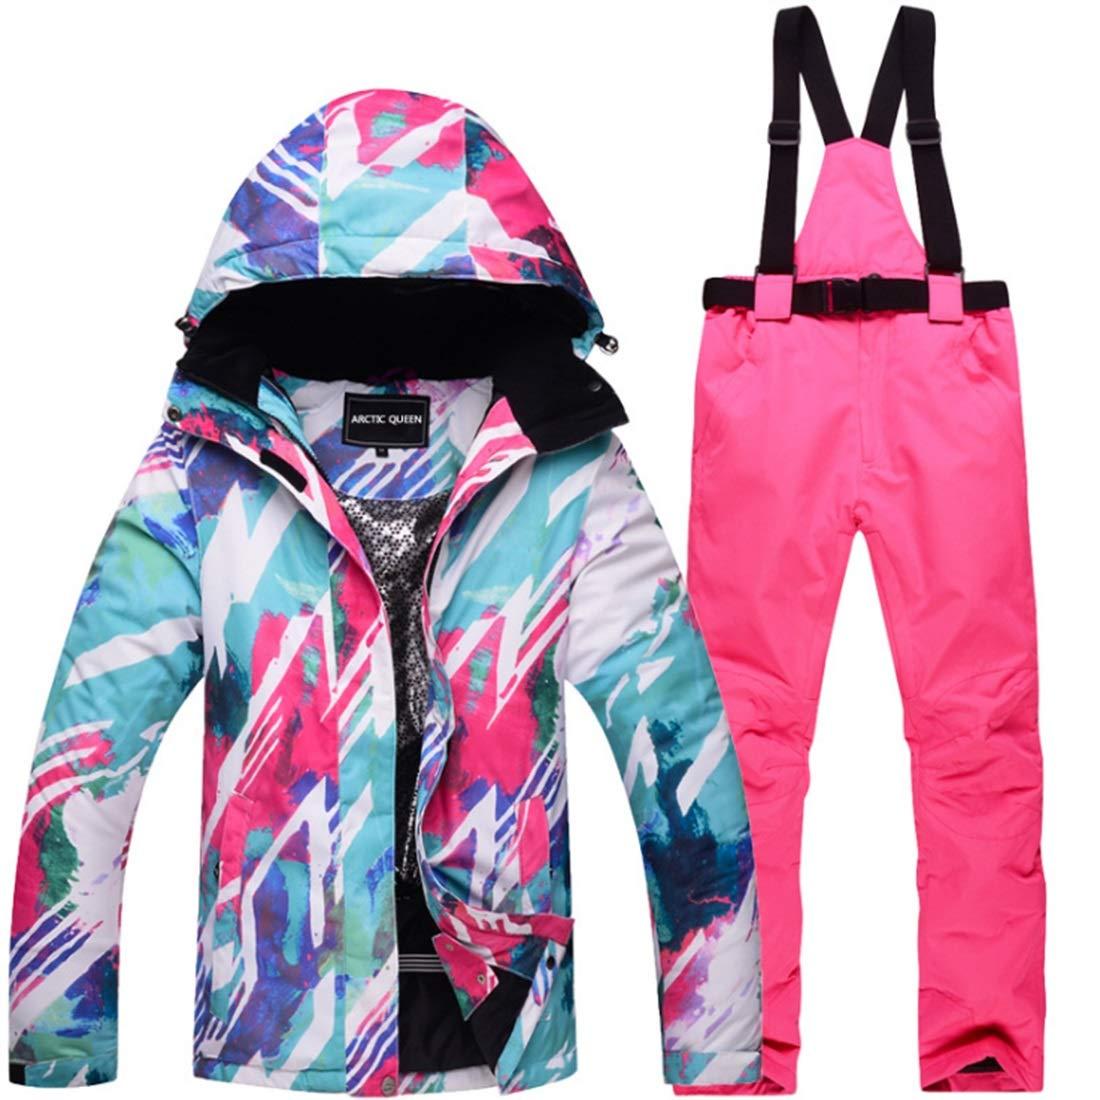 KAKACITY 女性のスノーシューズウィンタースキージャケットとパンツは、雪の屋外ハイキングのために設定 (色 : 01, サイズ : M)  Medium